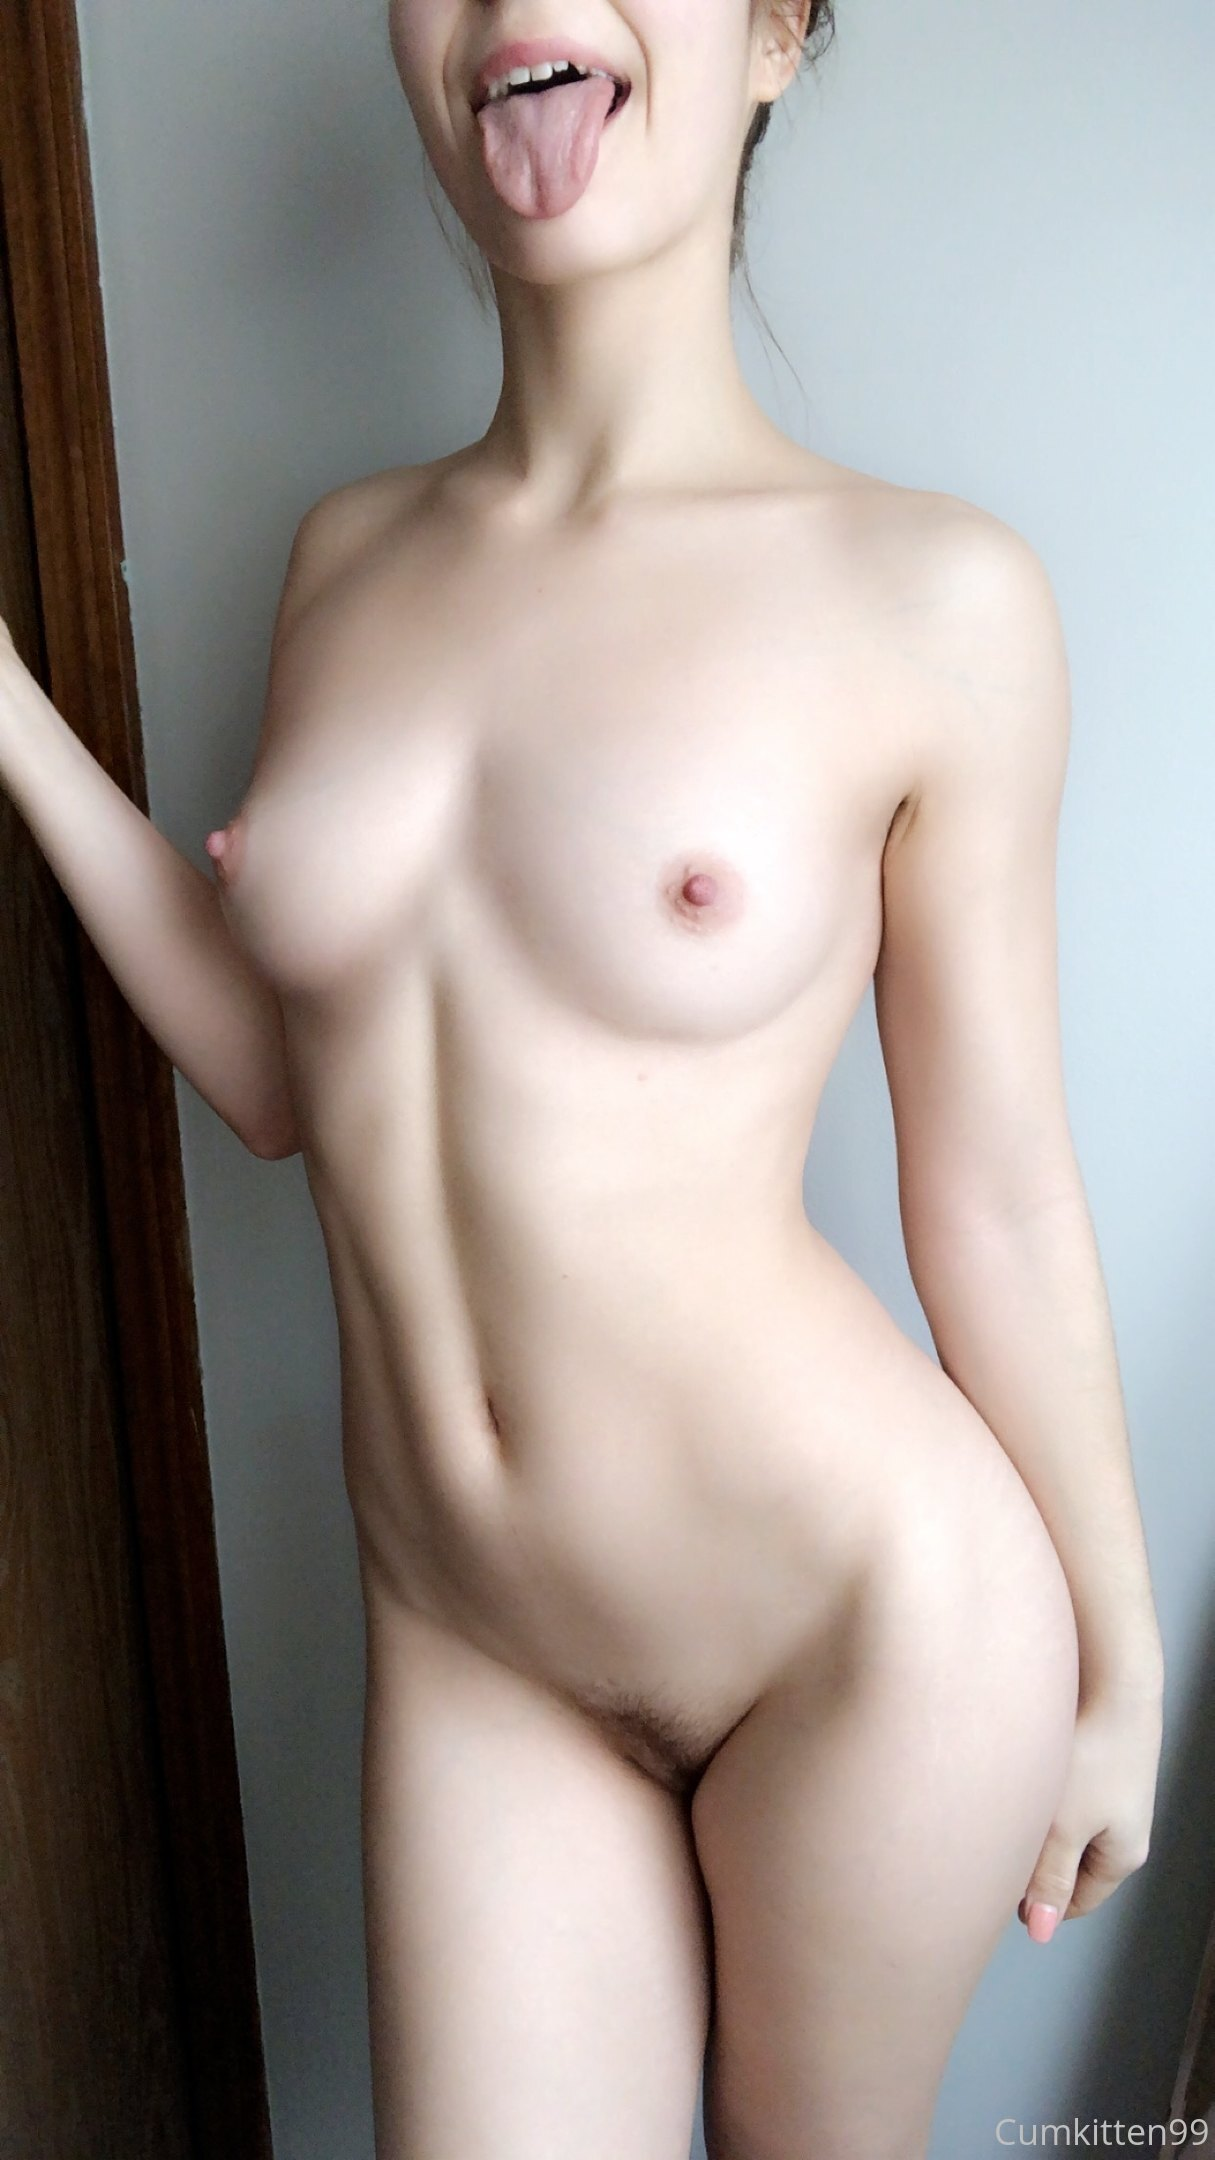 Cumkitten99, Onlyfans Nudes Leaks 50